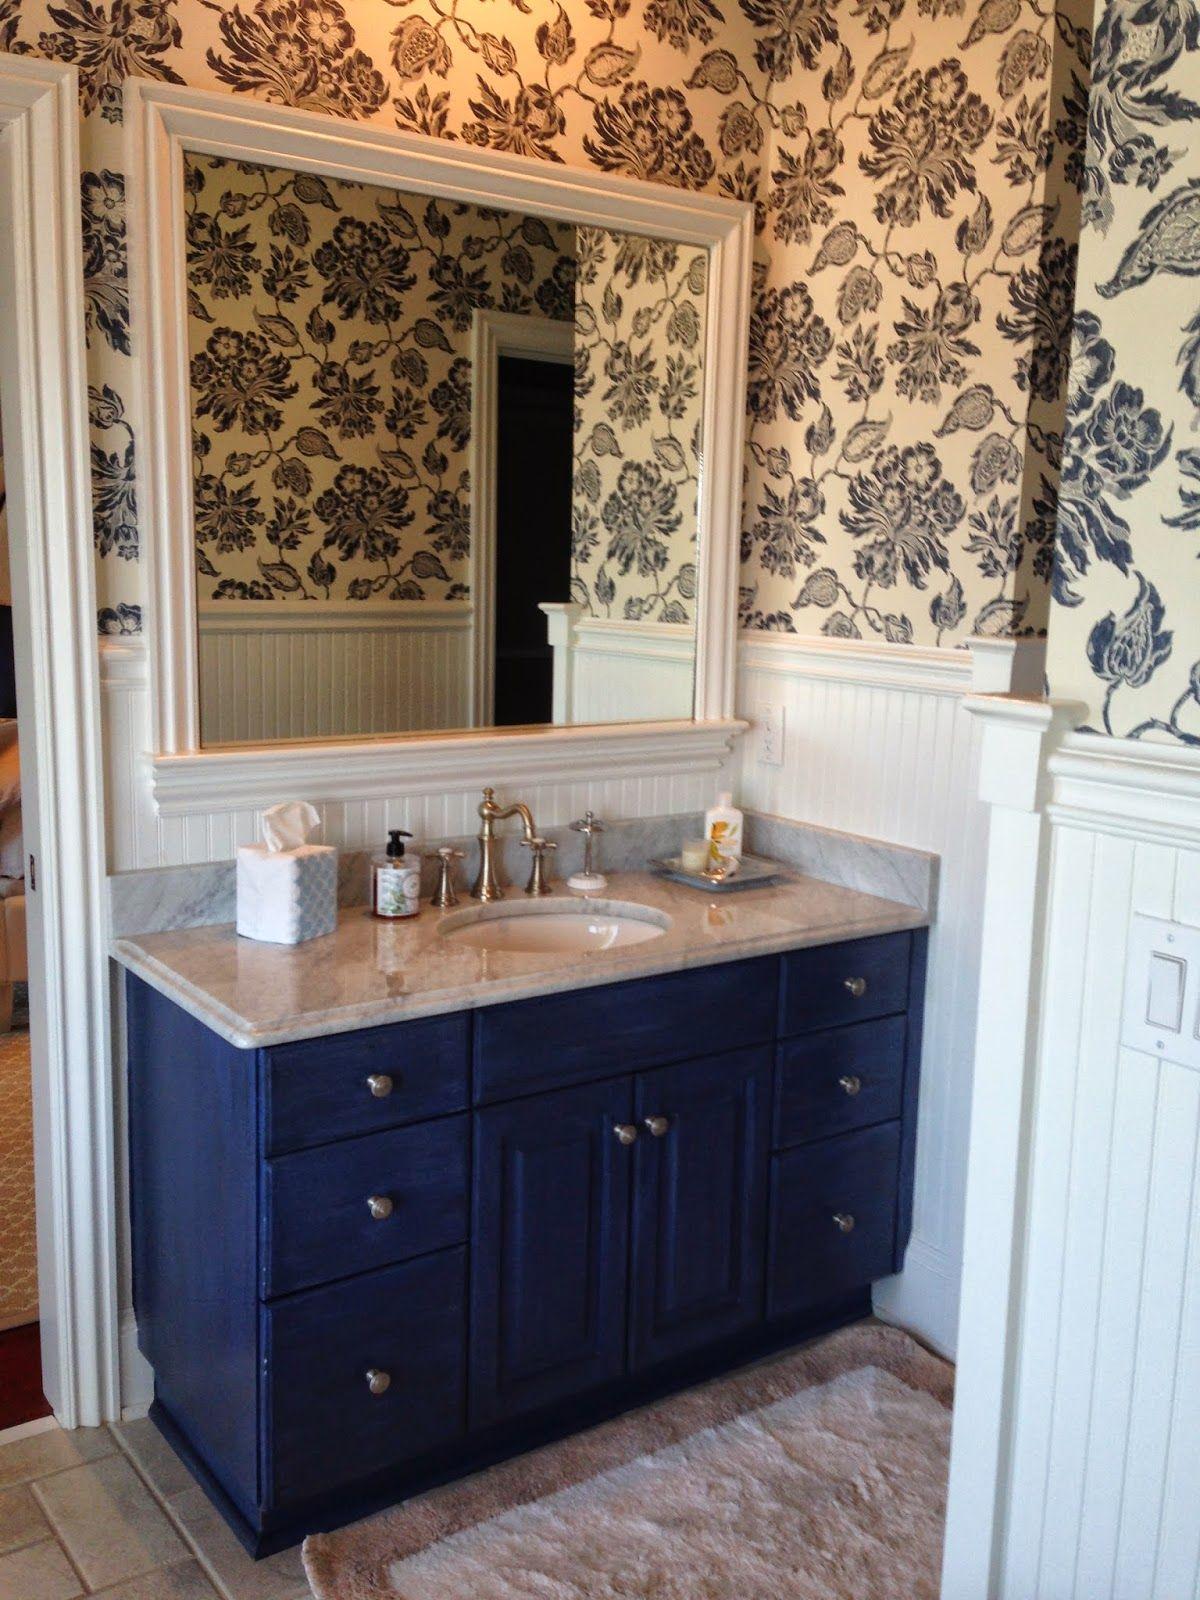 Savannah Dream Home navy and white bathroom, thibaut